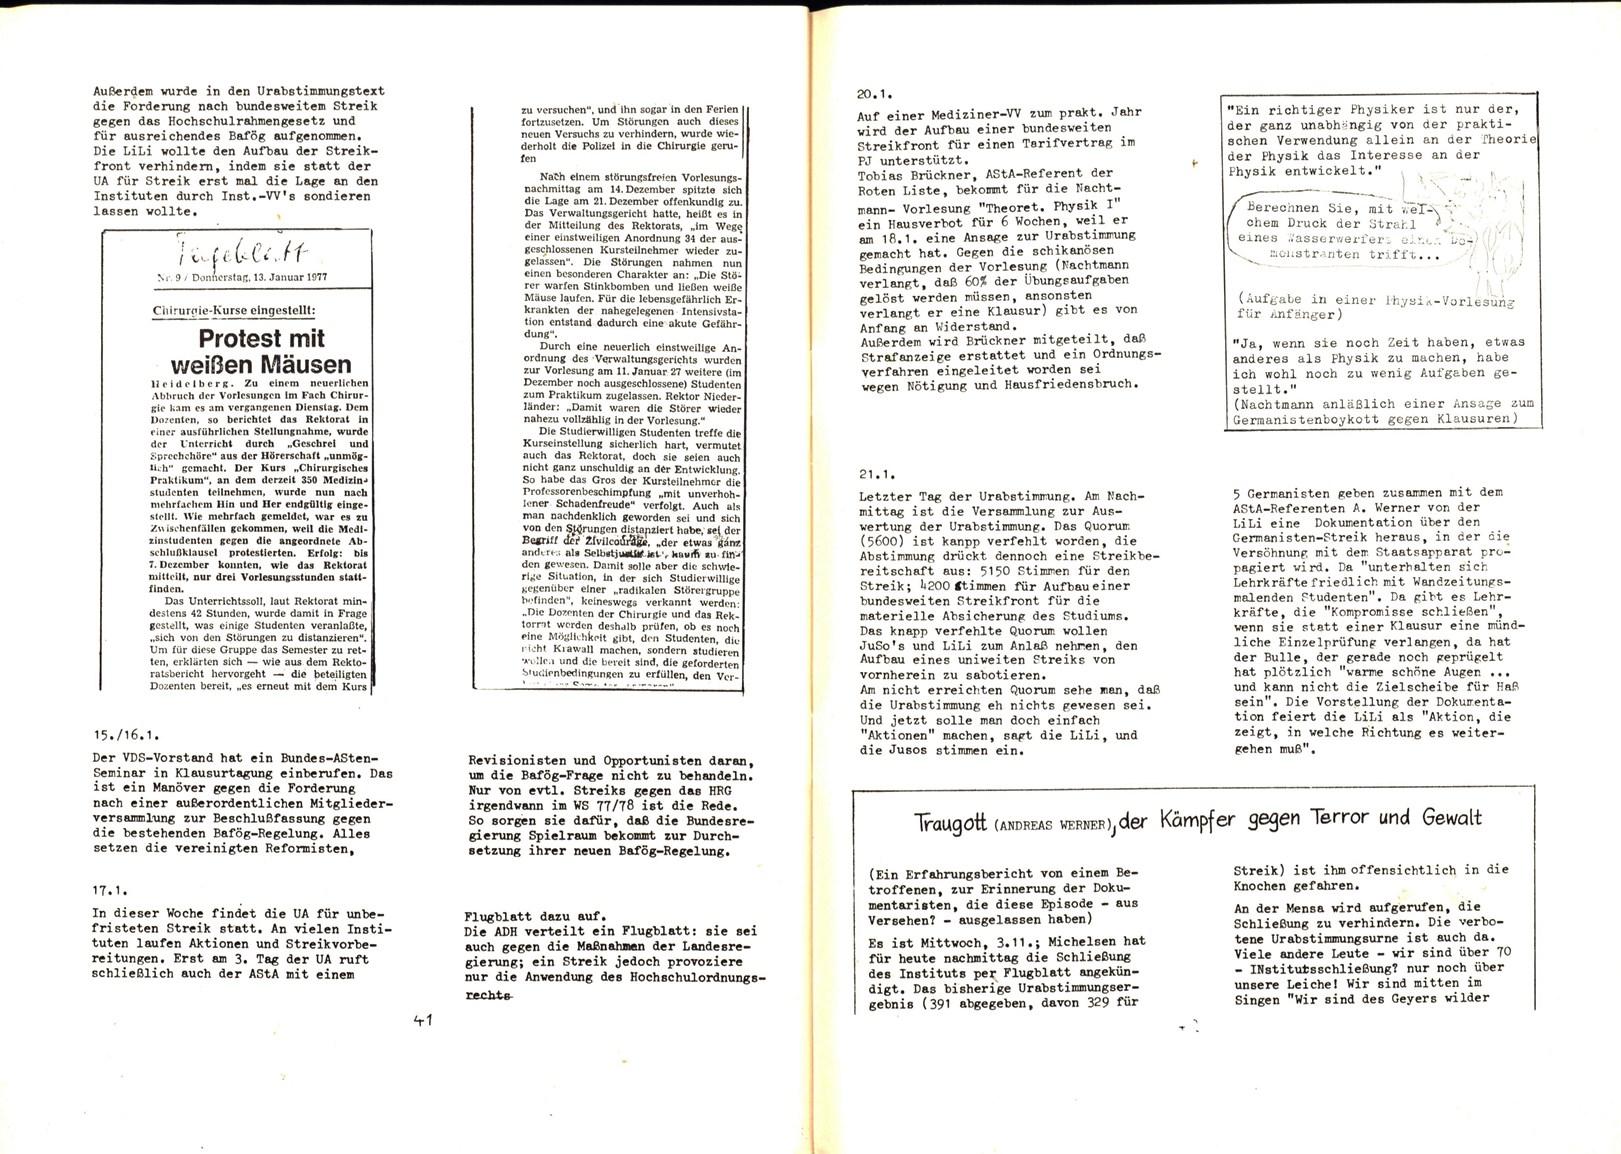 Heidelberg_KHG_1977_Chronik_WS_1976_77_22